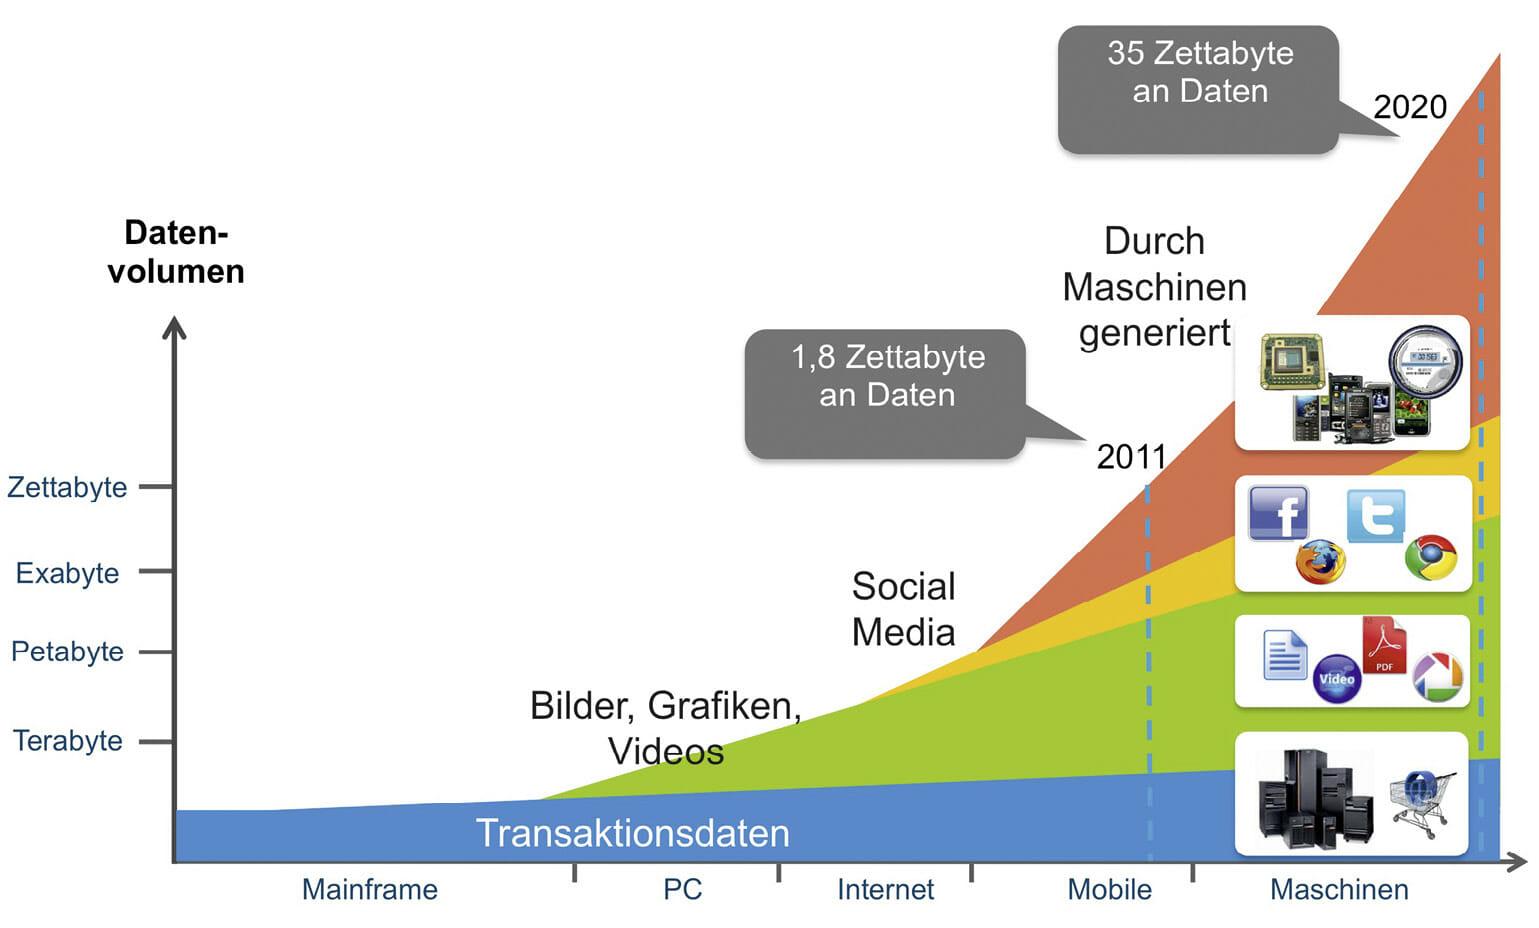 Die Menge an Daten wird immer größer. Das Wachstum speist sich dabei aus verschiedenen Quellen.